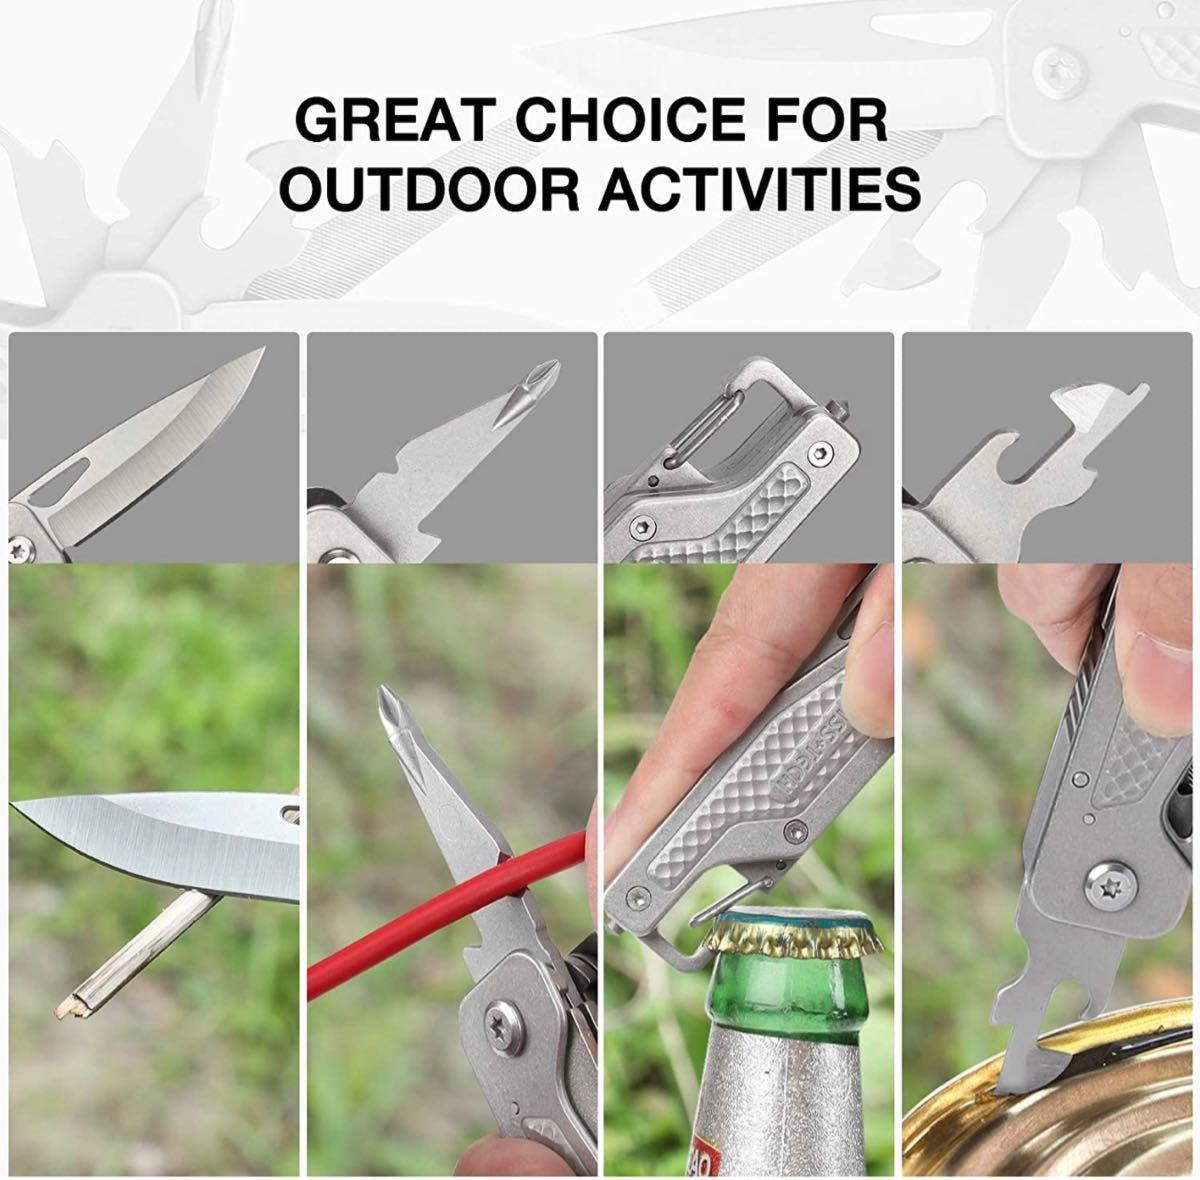 マルチツール 多機能ナイフ 13-IN-1 マルチナイフ ロック機能搭載 折り畳み式 DIY キャンプ アウトドア 釣り 登山